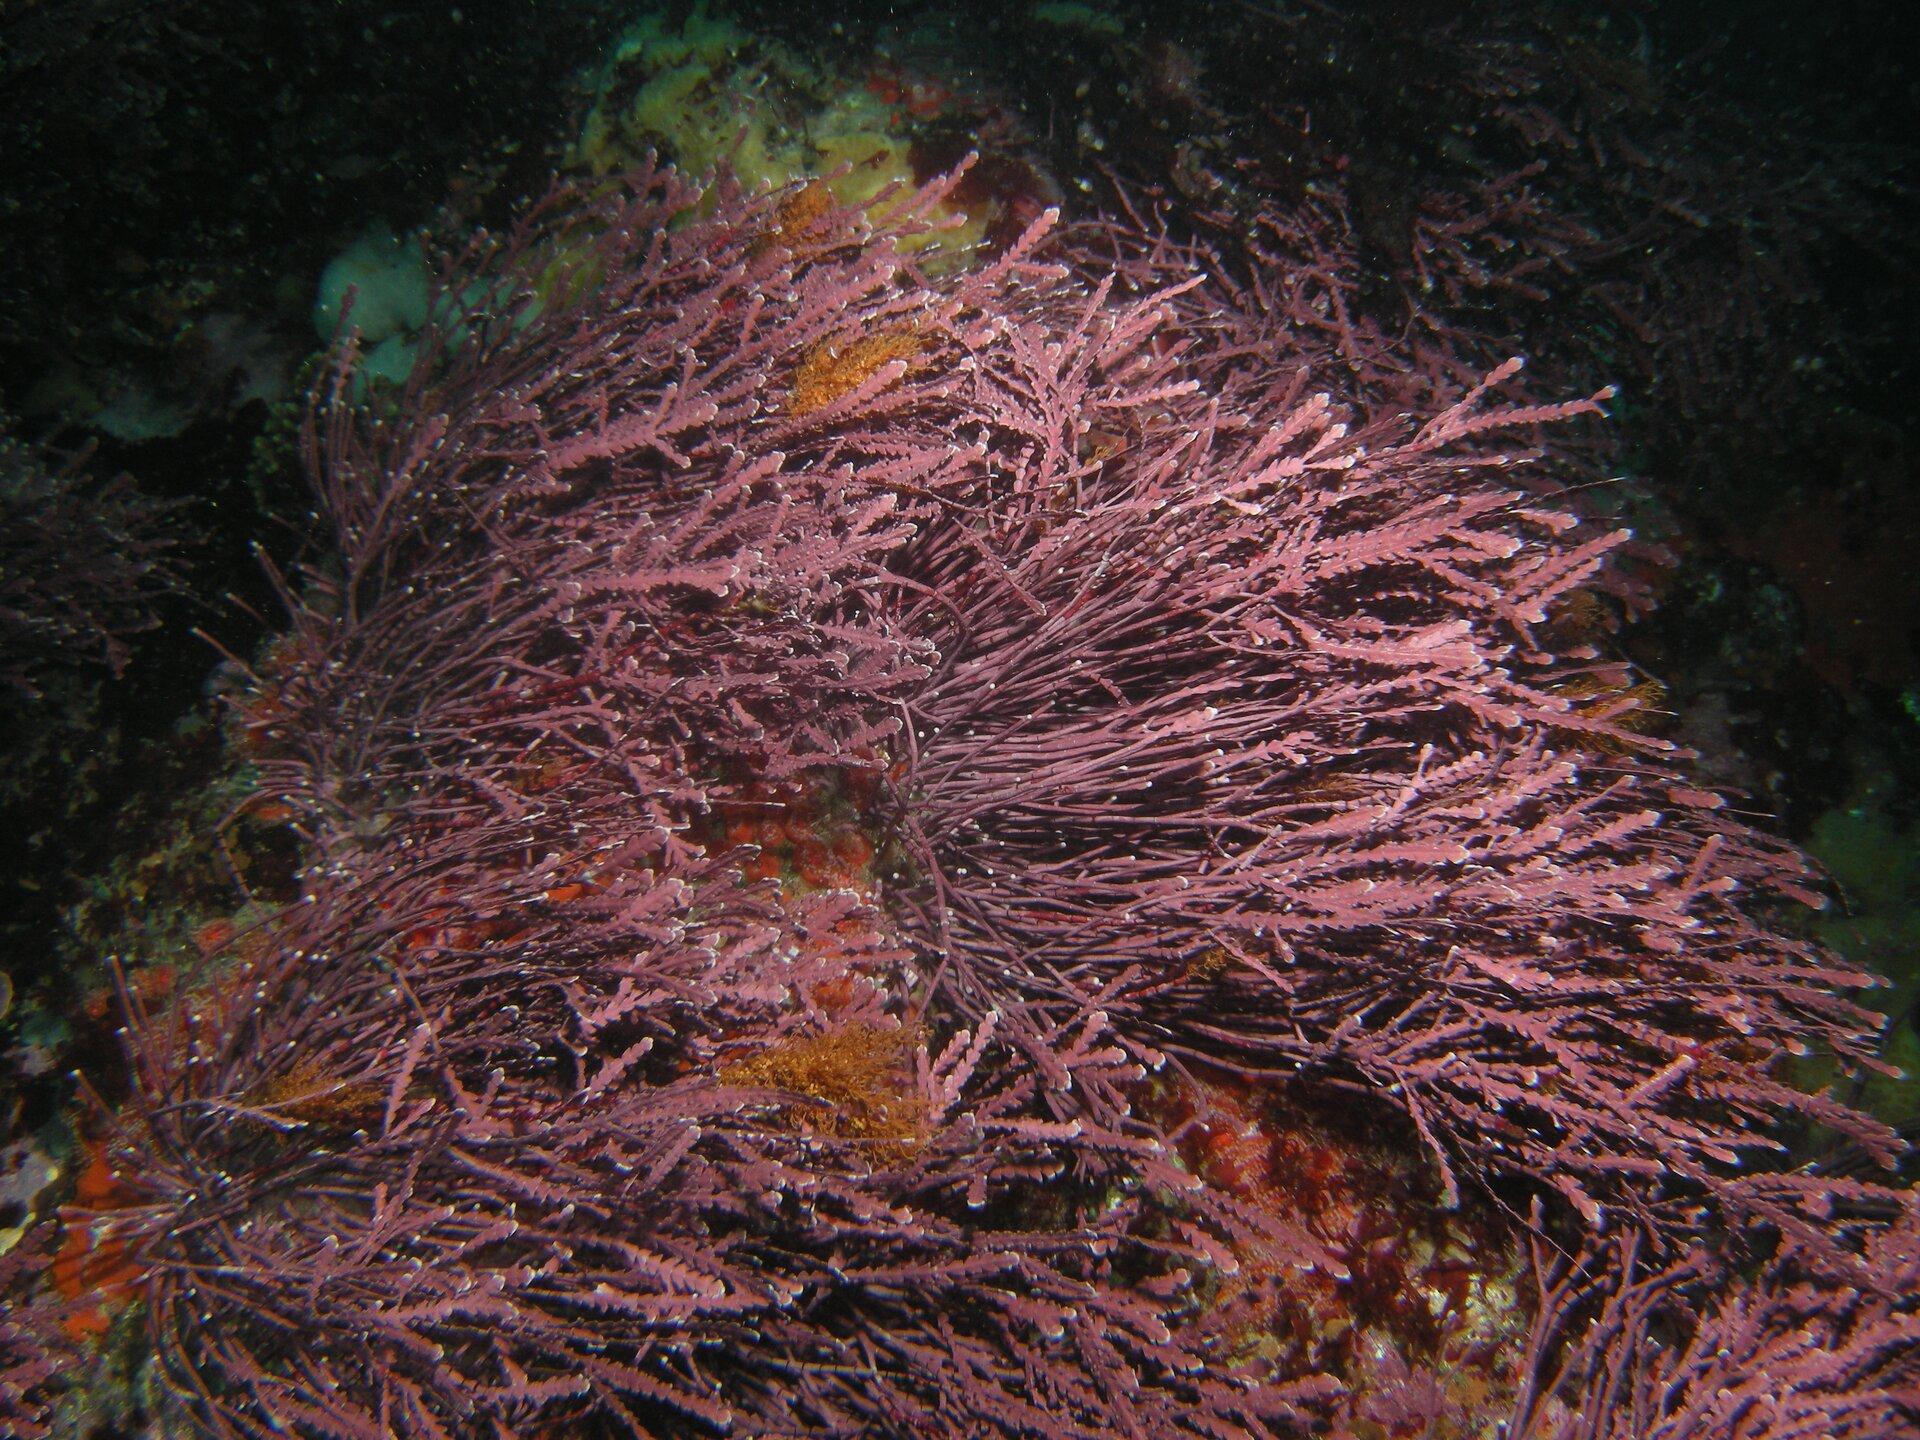 Fotografia siedliska krasnorostów, mającego postać podwodnej łąki